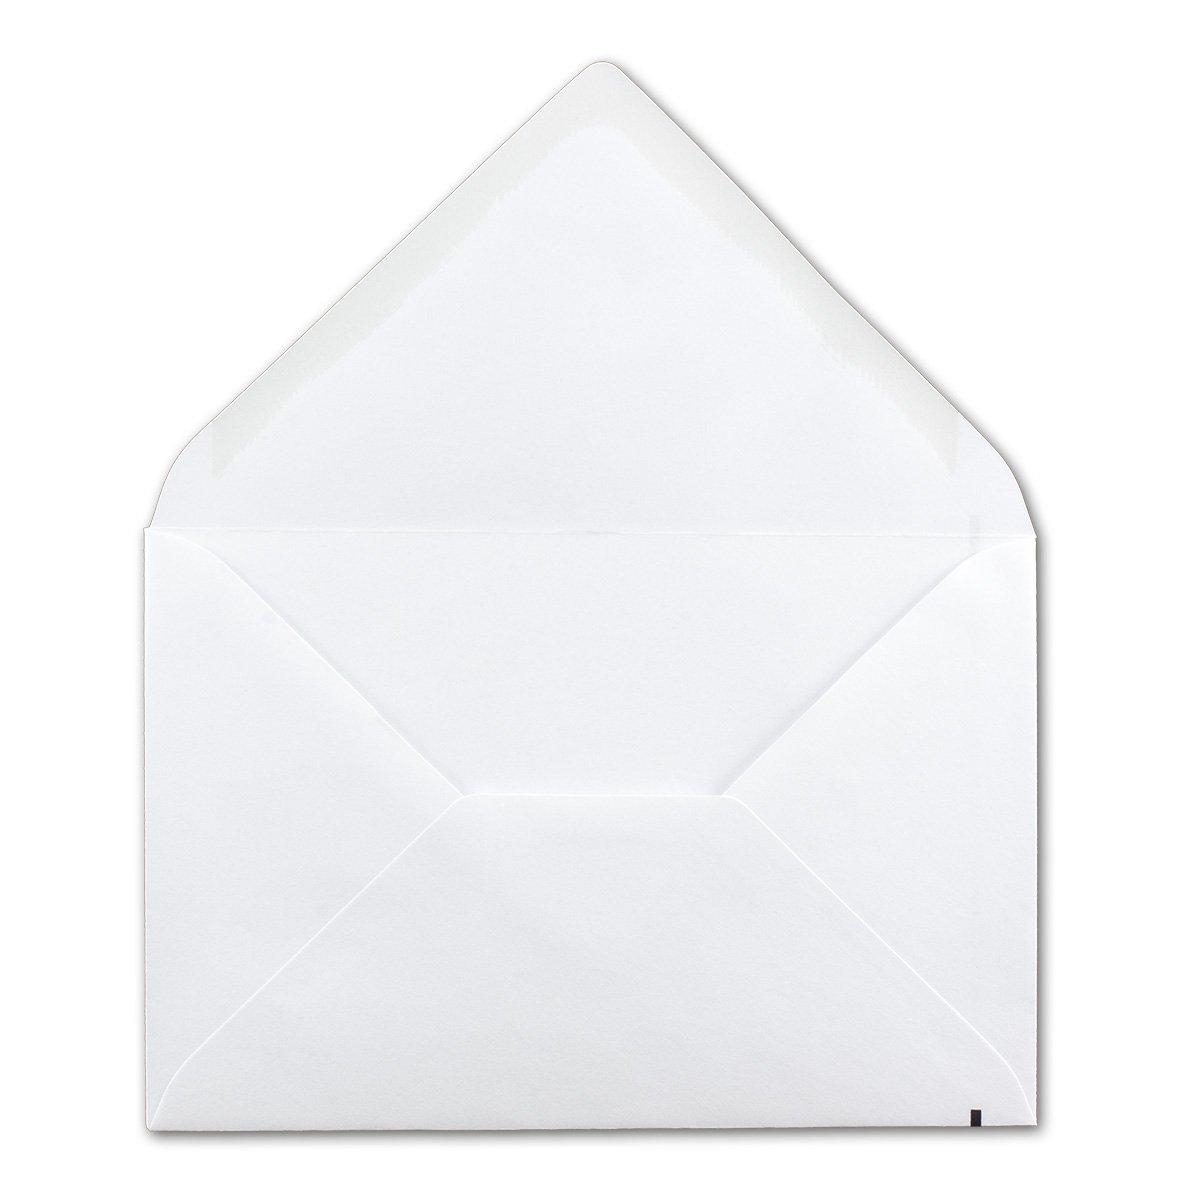 Weiße Weiße Weiße Trauerumschläge mit schwarzem Trauerstrich 700 Stück KuGrüns DIN B6 120x175 mm Nassklebung Umschläge für Beerdigungen, Traueranzeigen. B07D5CYKNW | Stabile Qualität  cc2373